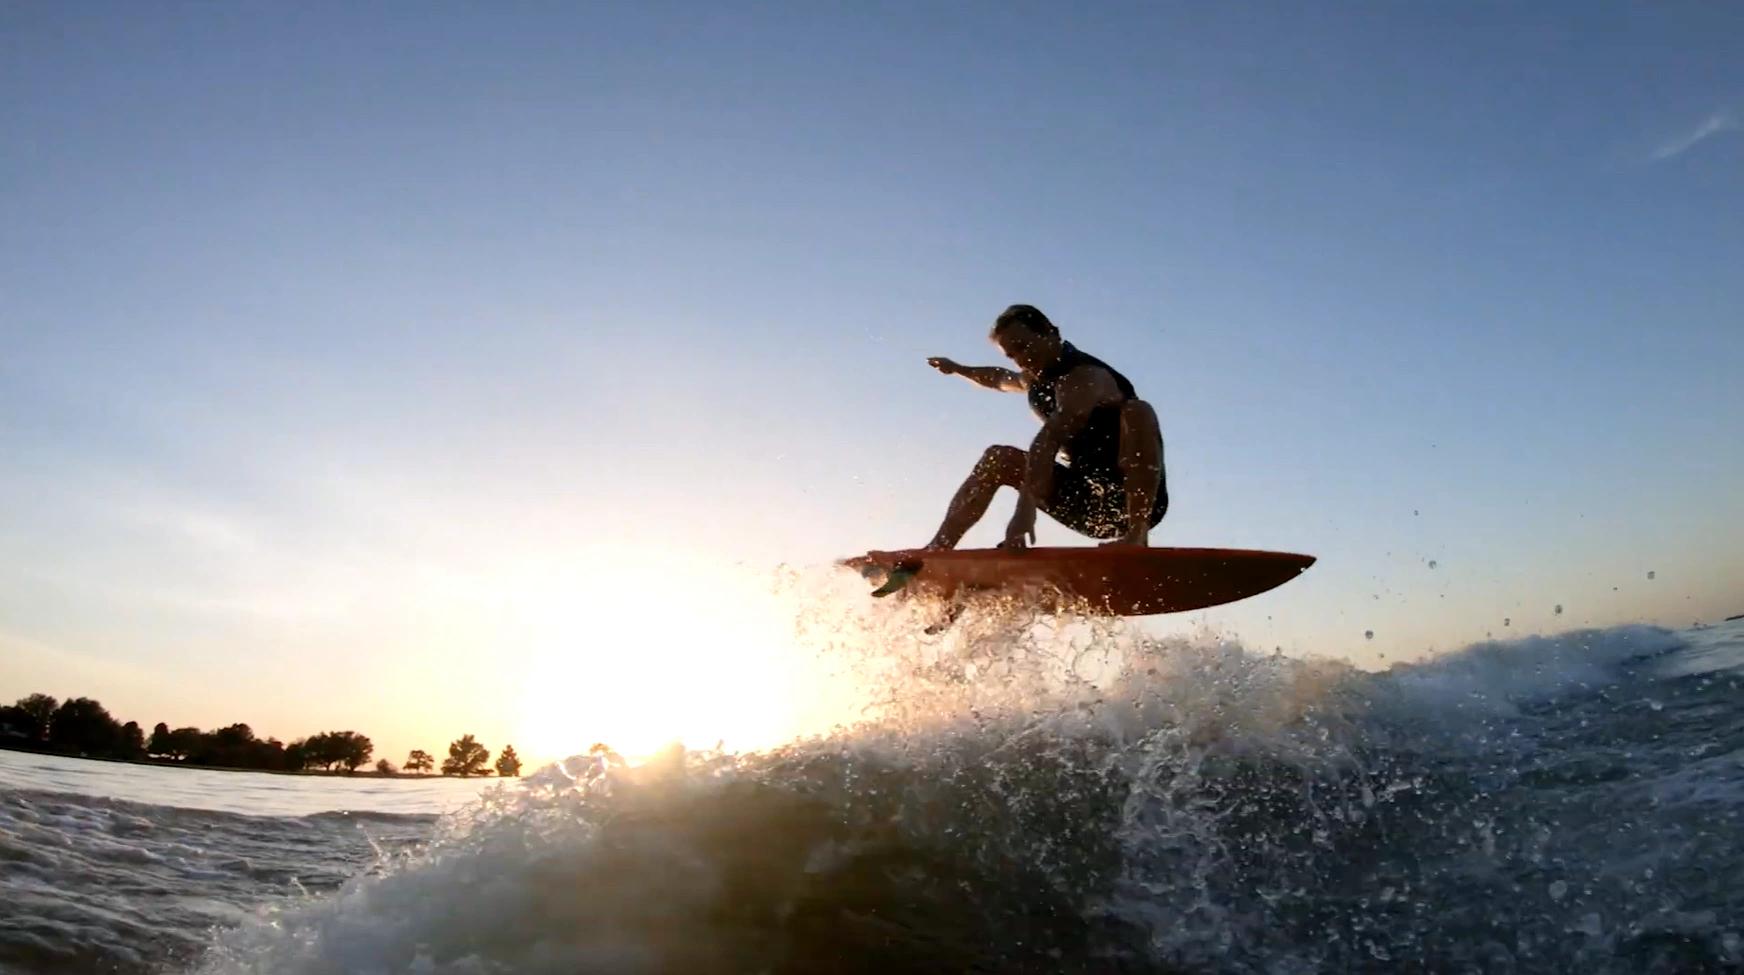 surf technique training air backlit